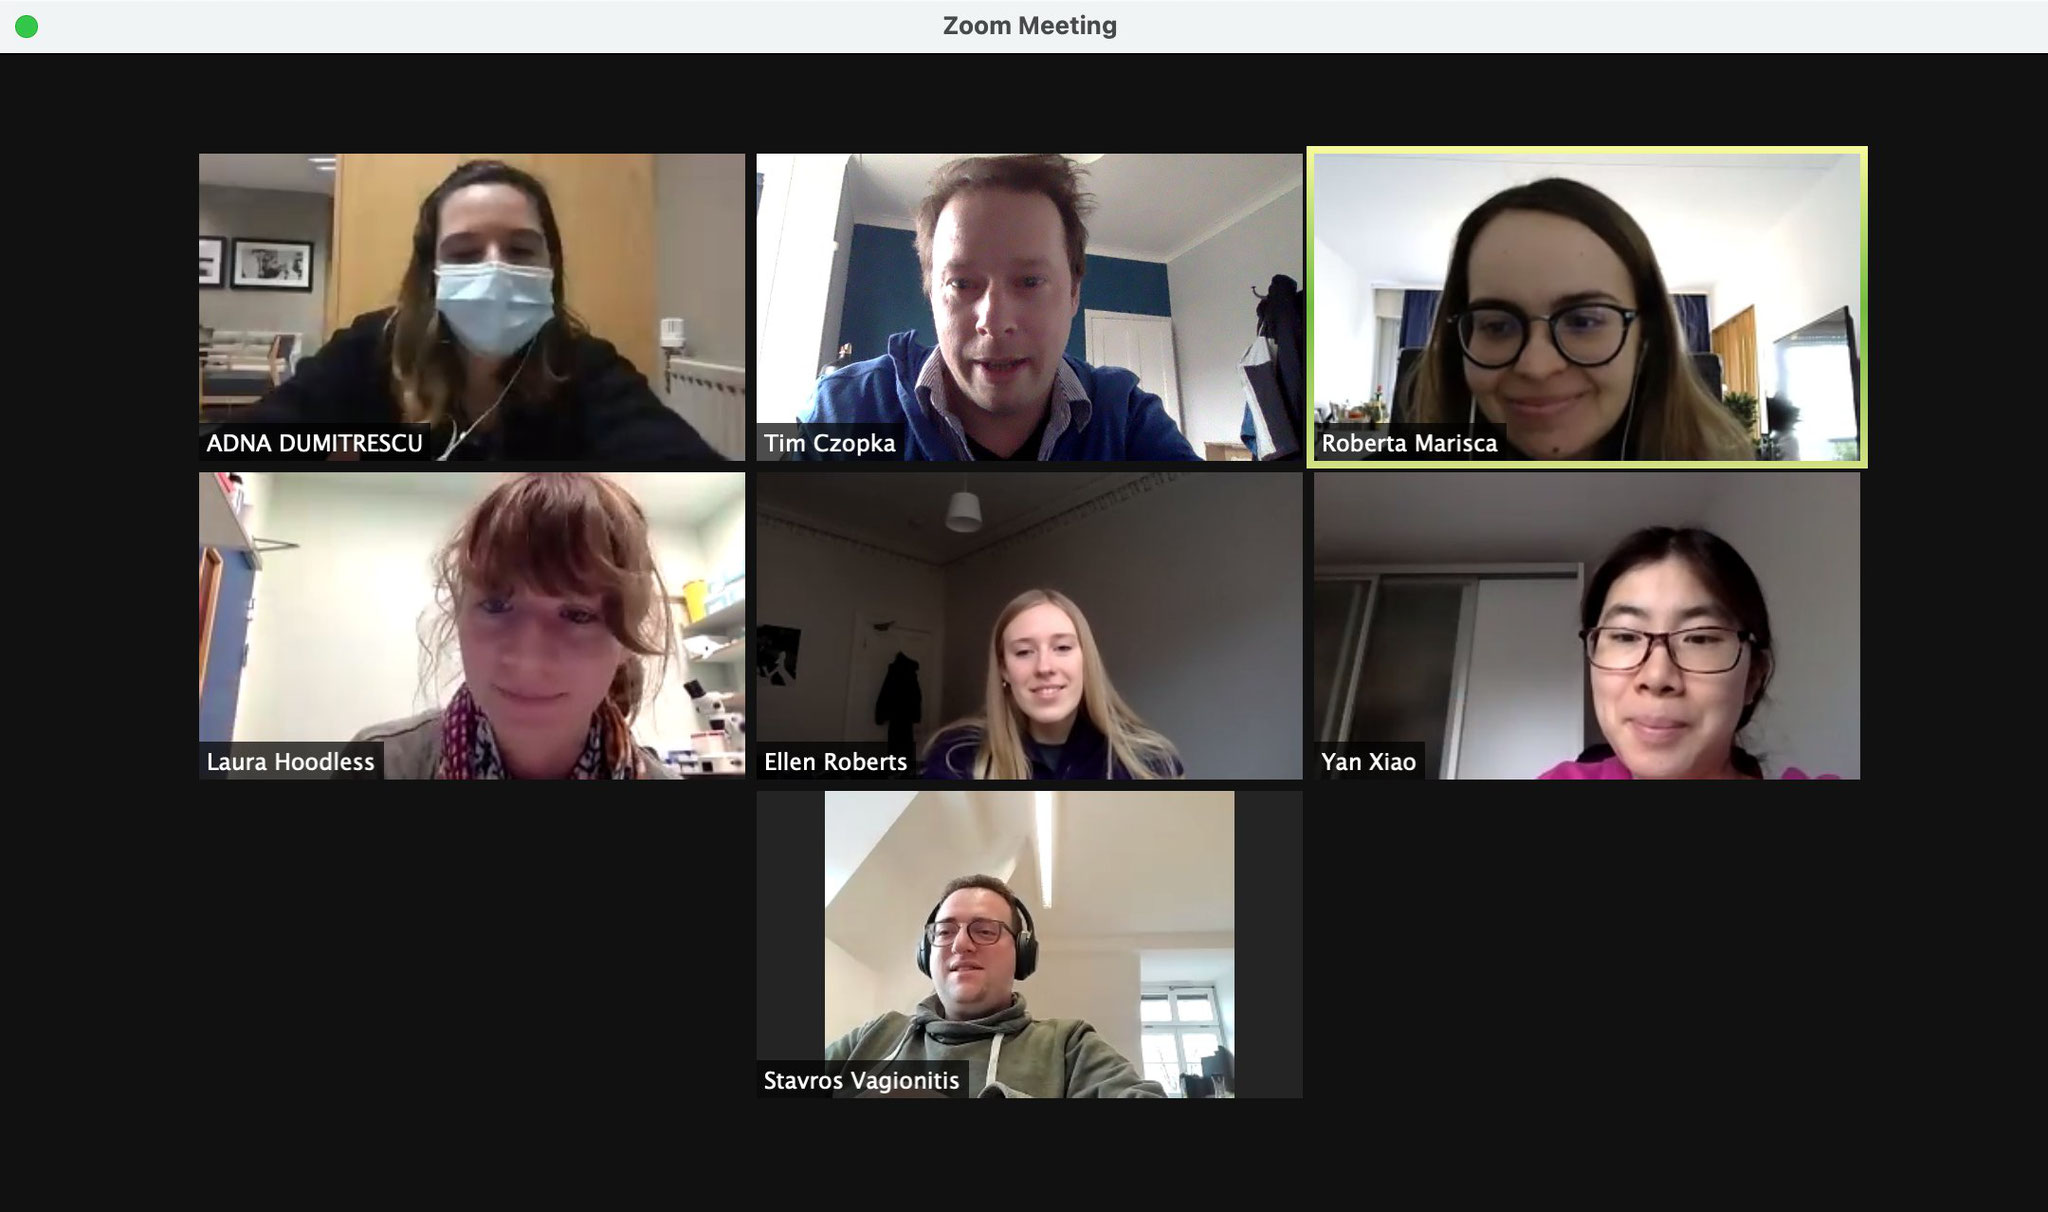 Group meeting during lockdown